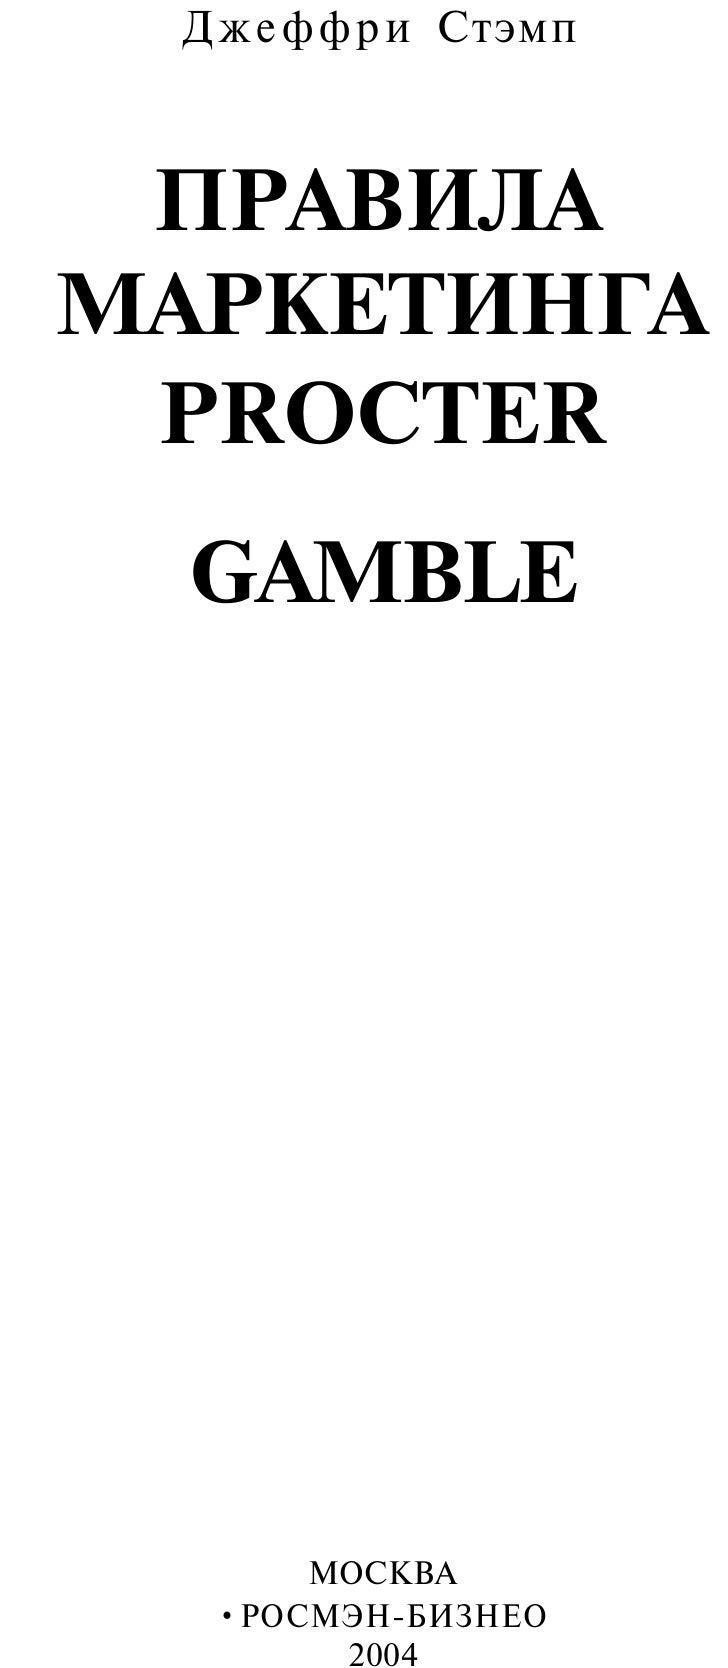 холл   правила маркетинга Procter and gamble